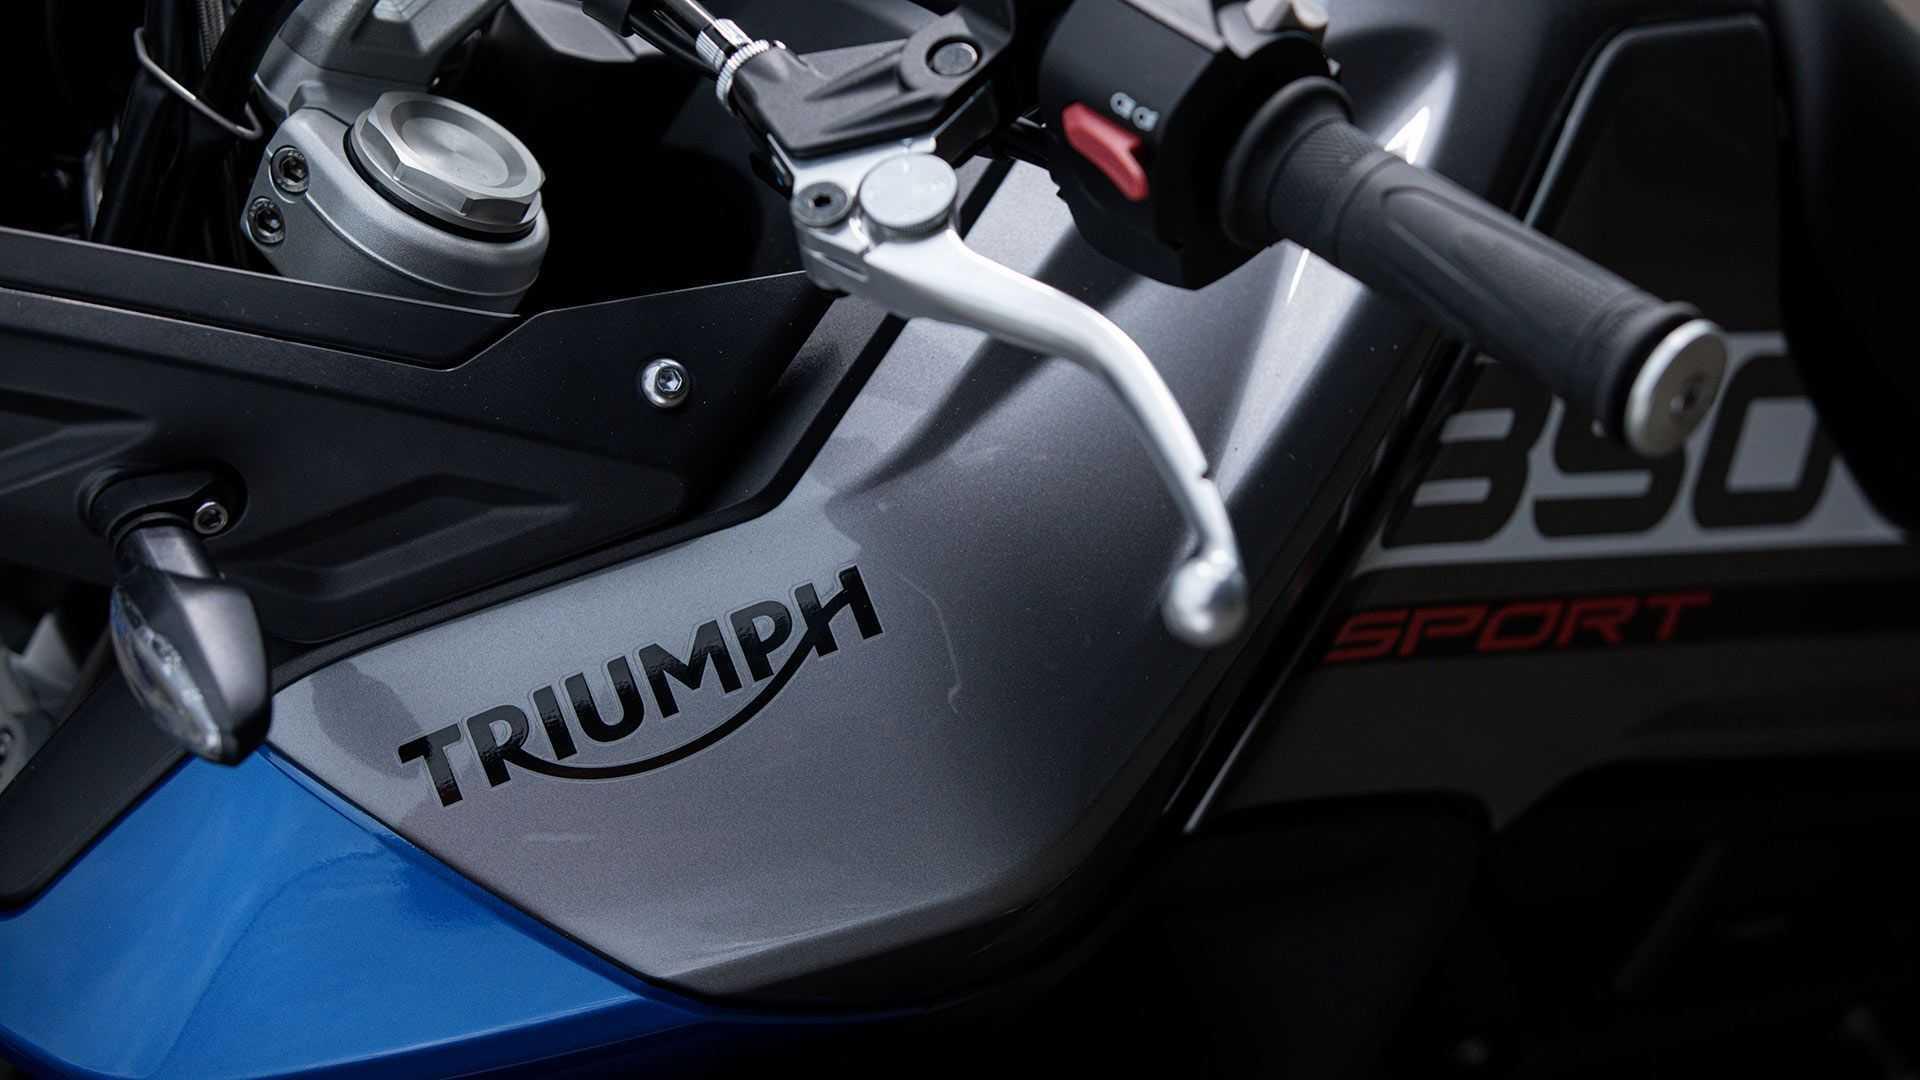 2021 Triumph Tiger 850 Esporte, Detalhe, Adesivos